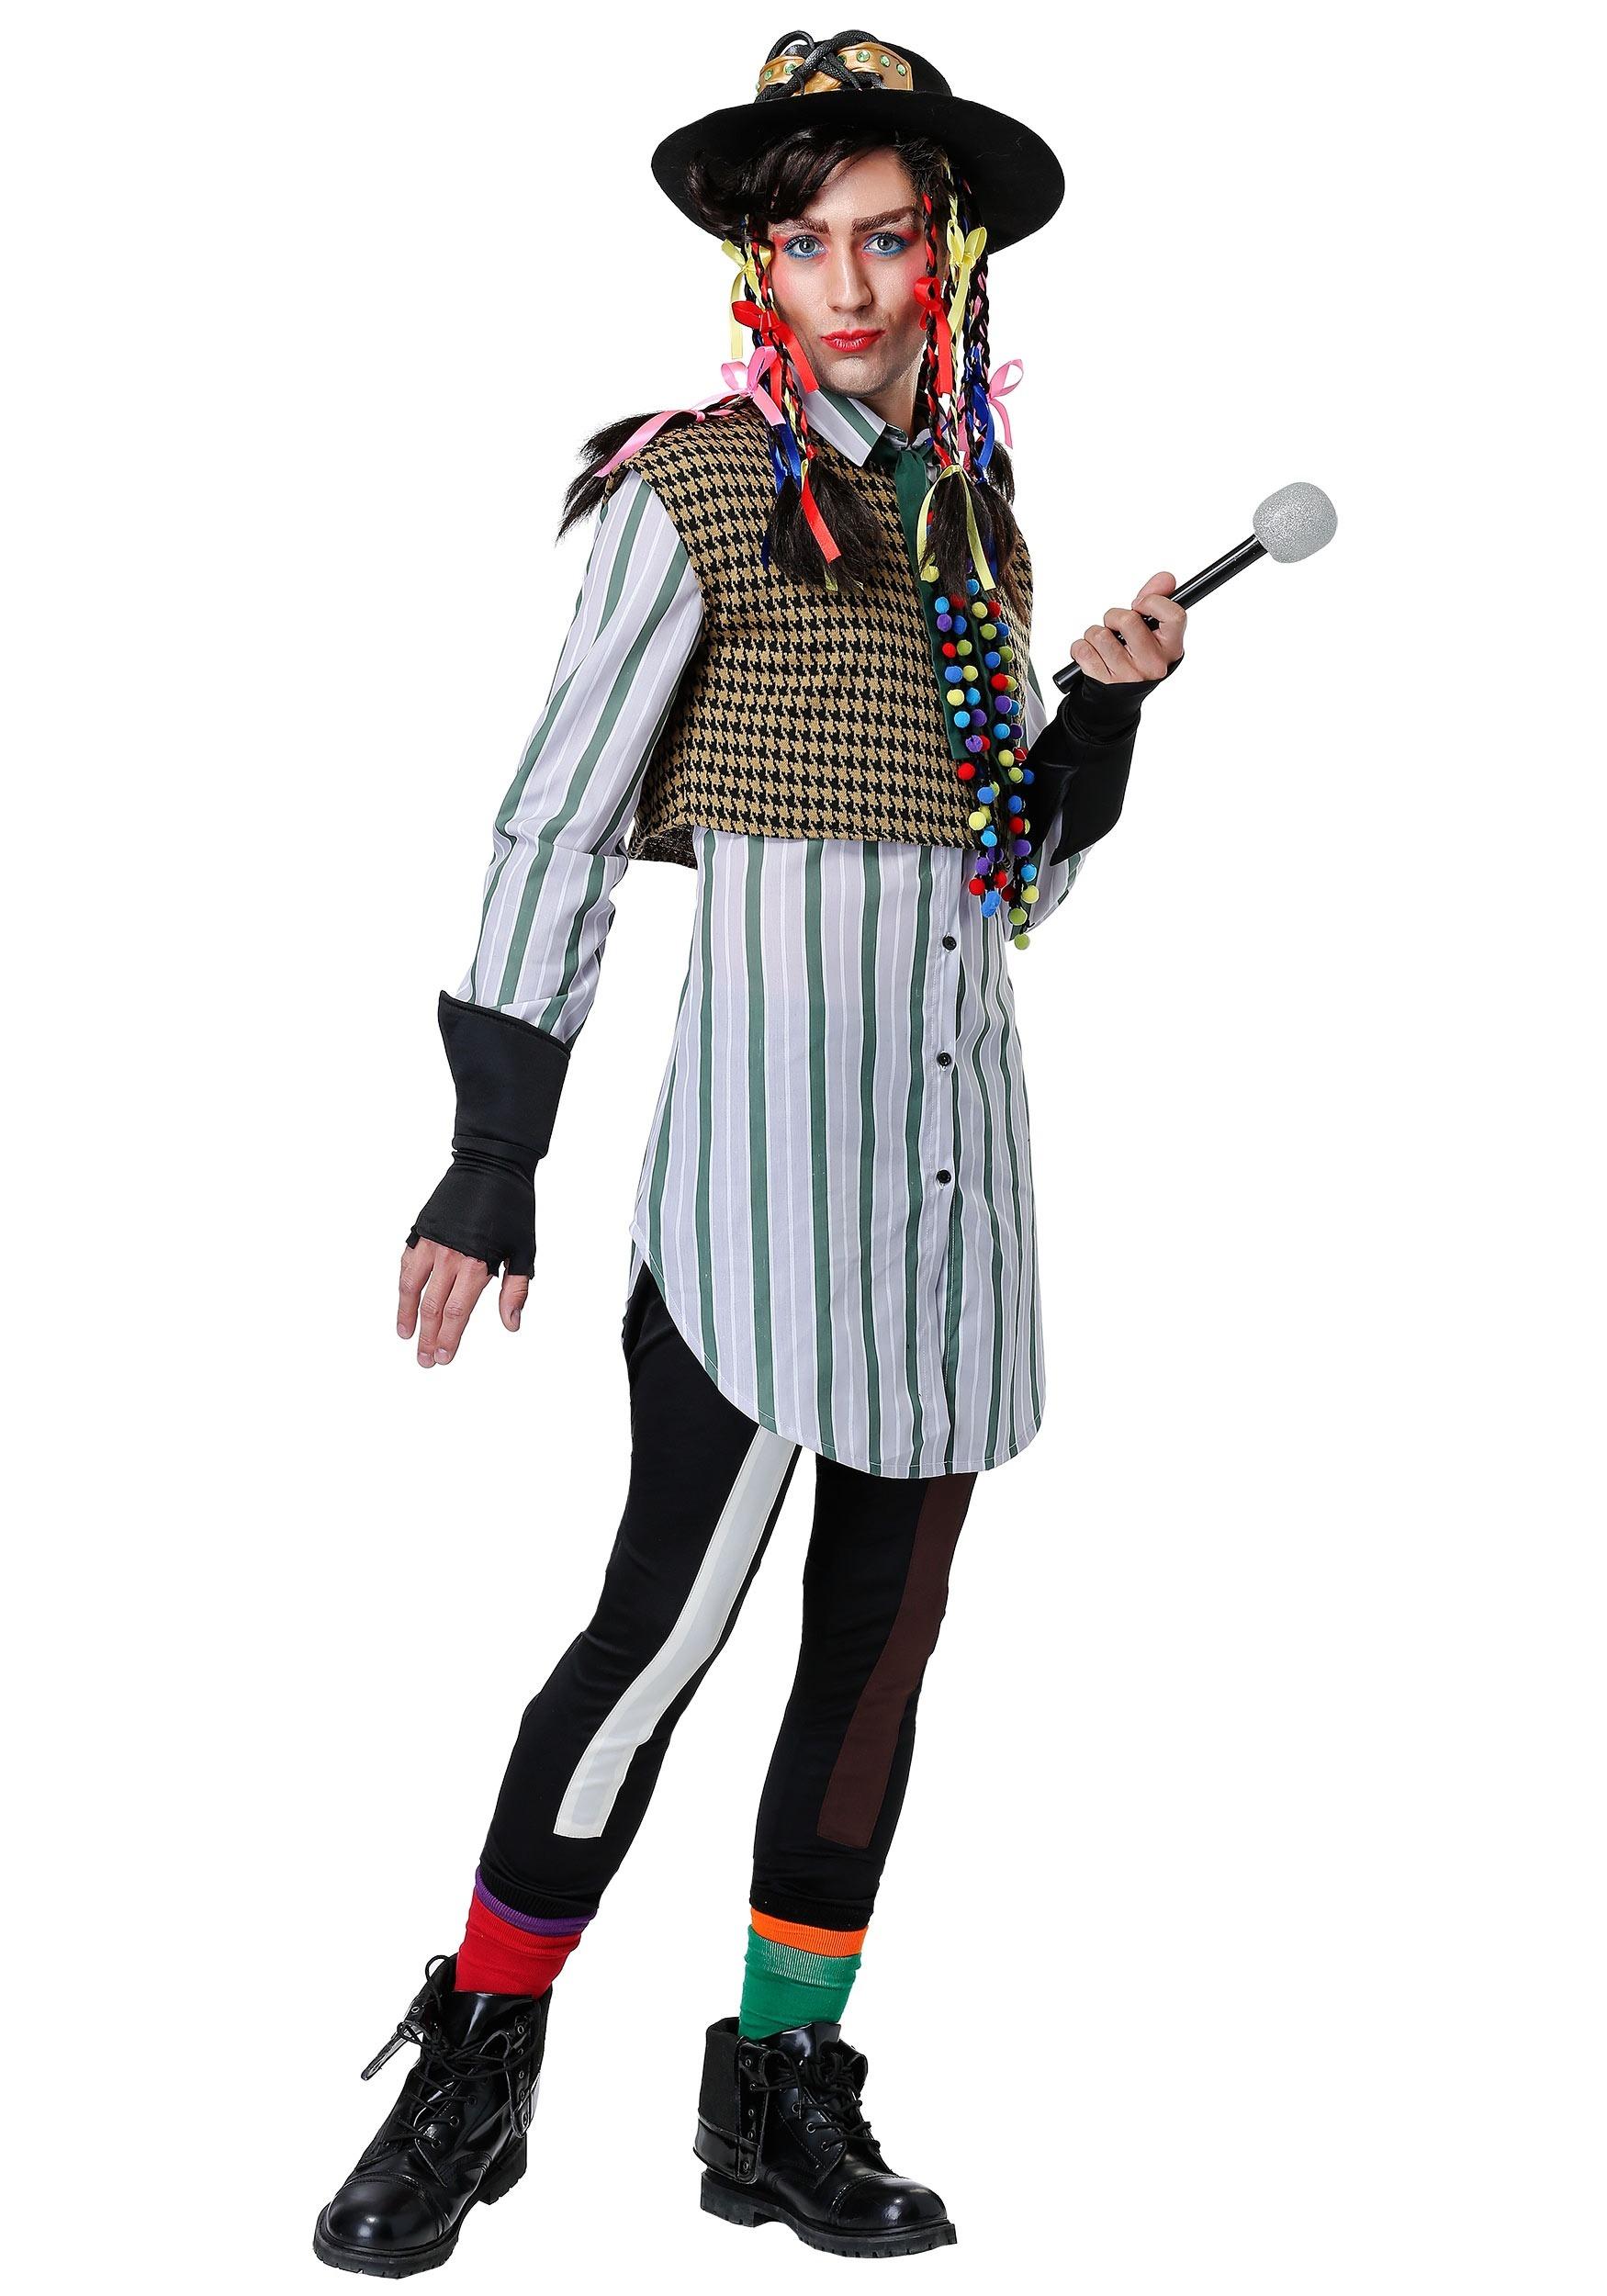 Chameleon Pop Star Costume for Men